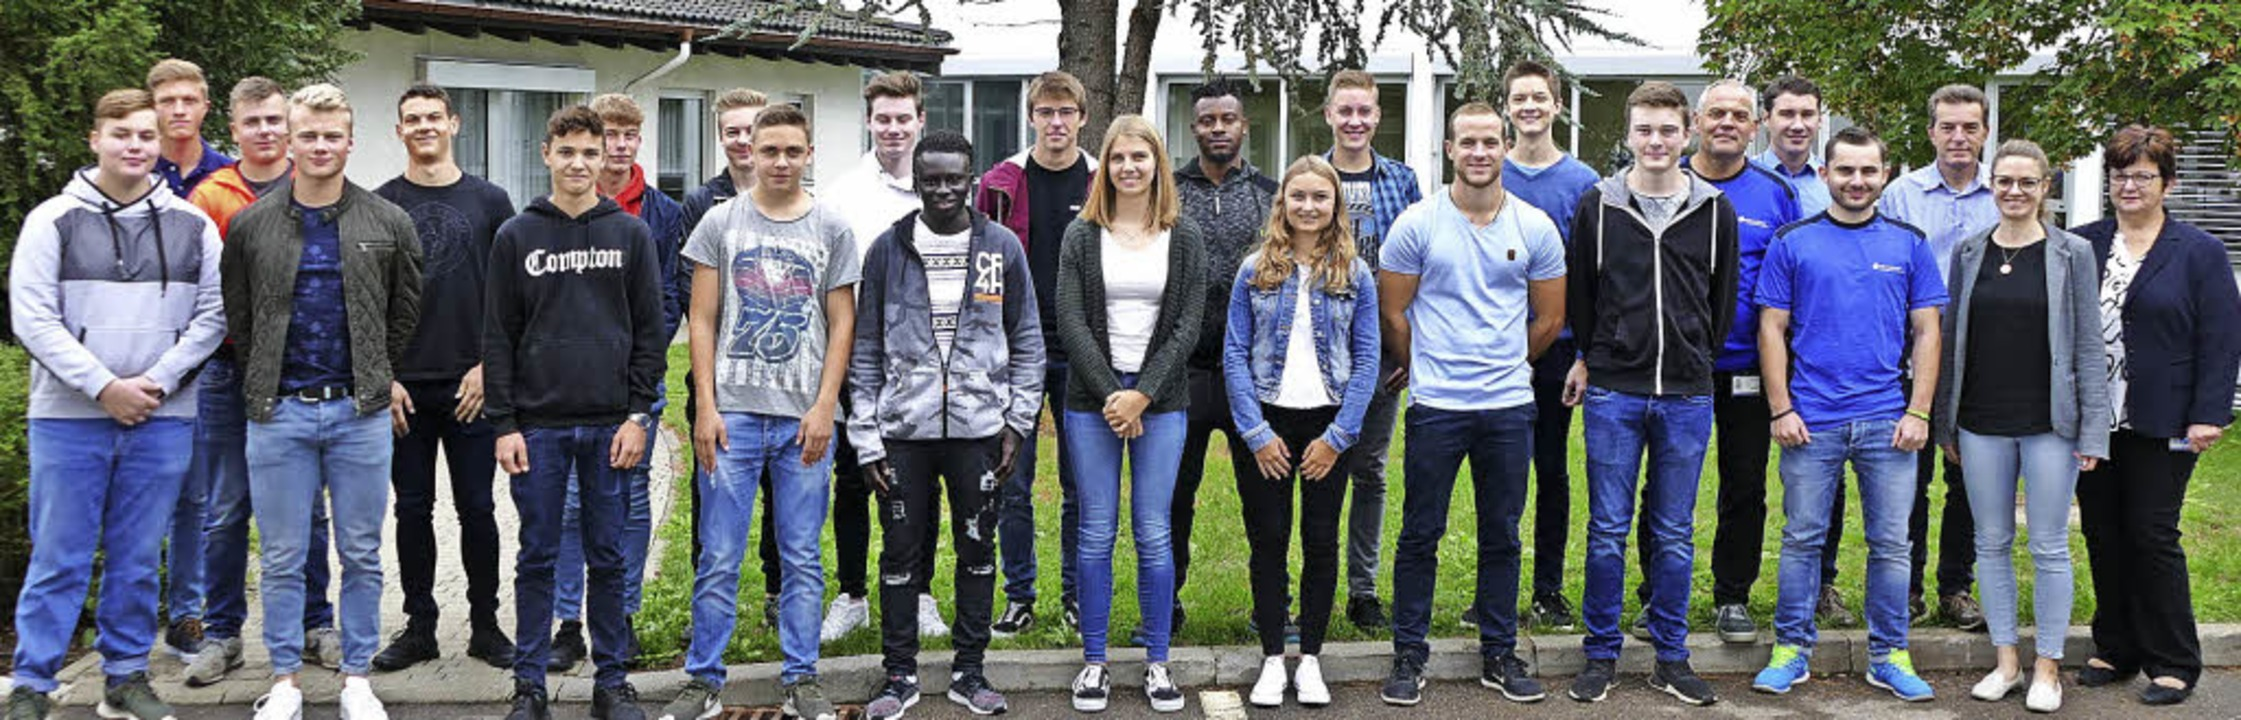 19 Azubis und DHBW-Studenten haben ein...r und Personalchefin Renate Heizmann.     Foto: Juliane Kühnemund